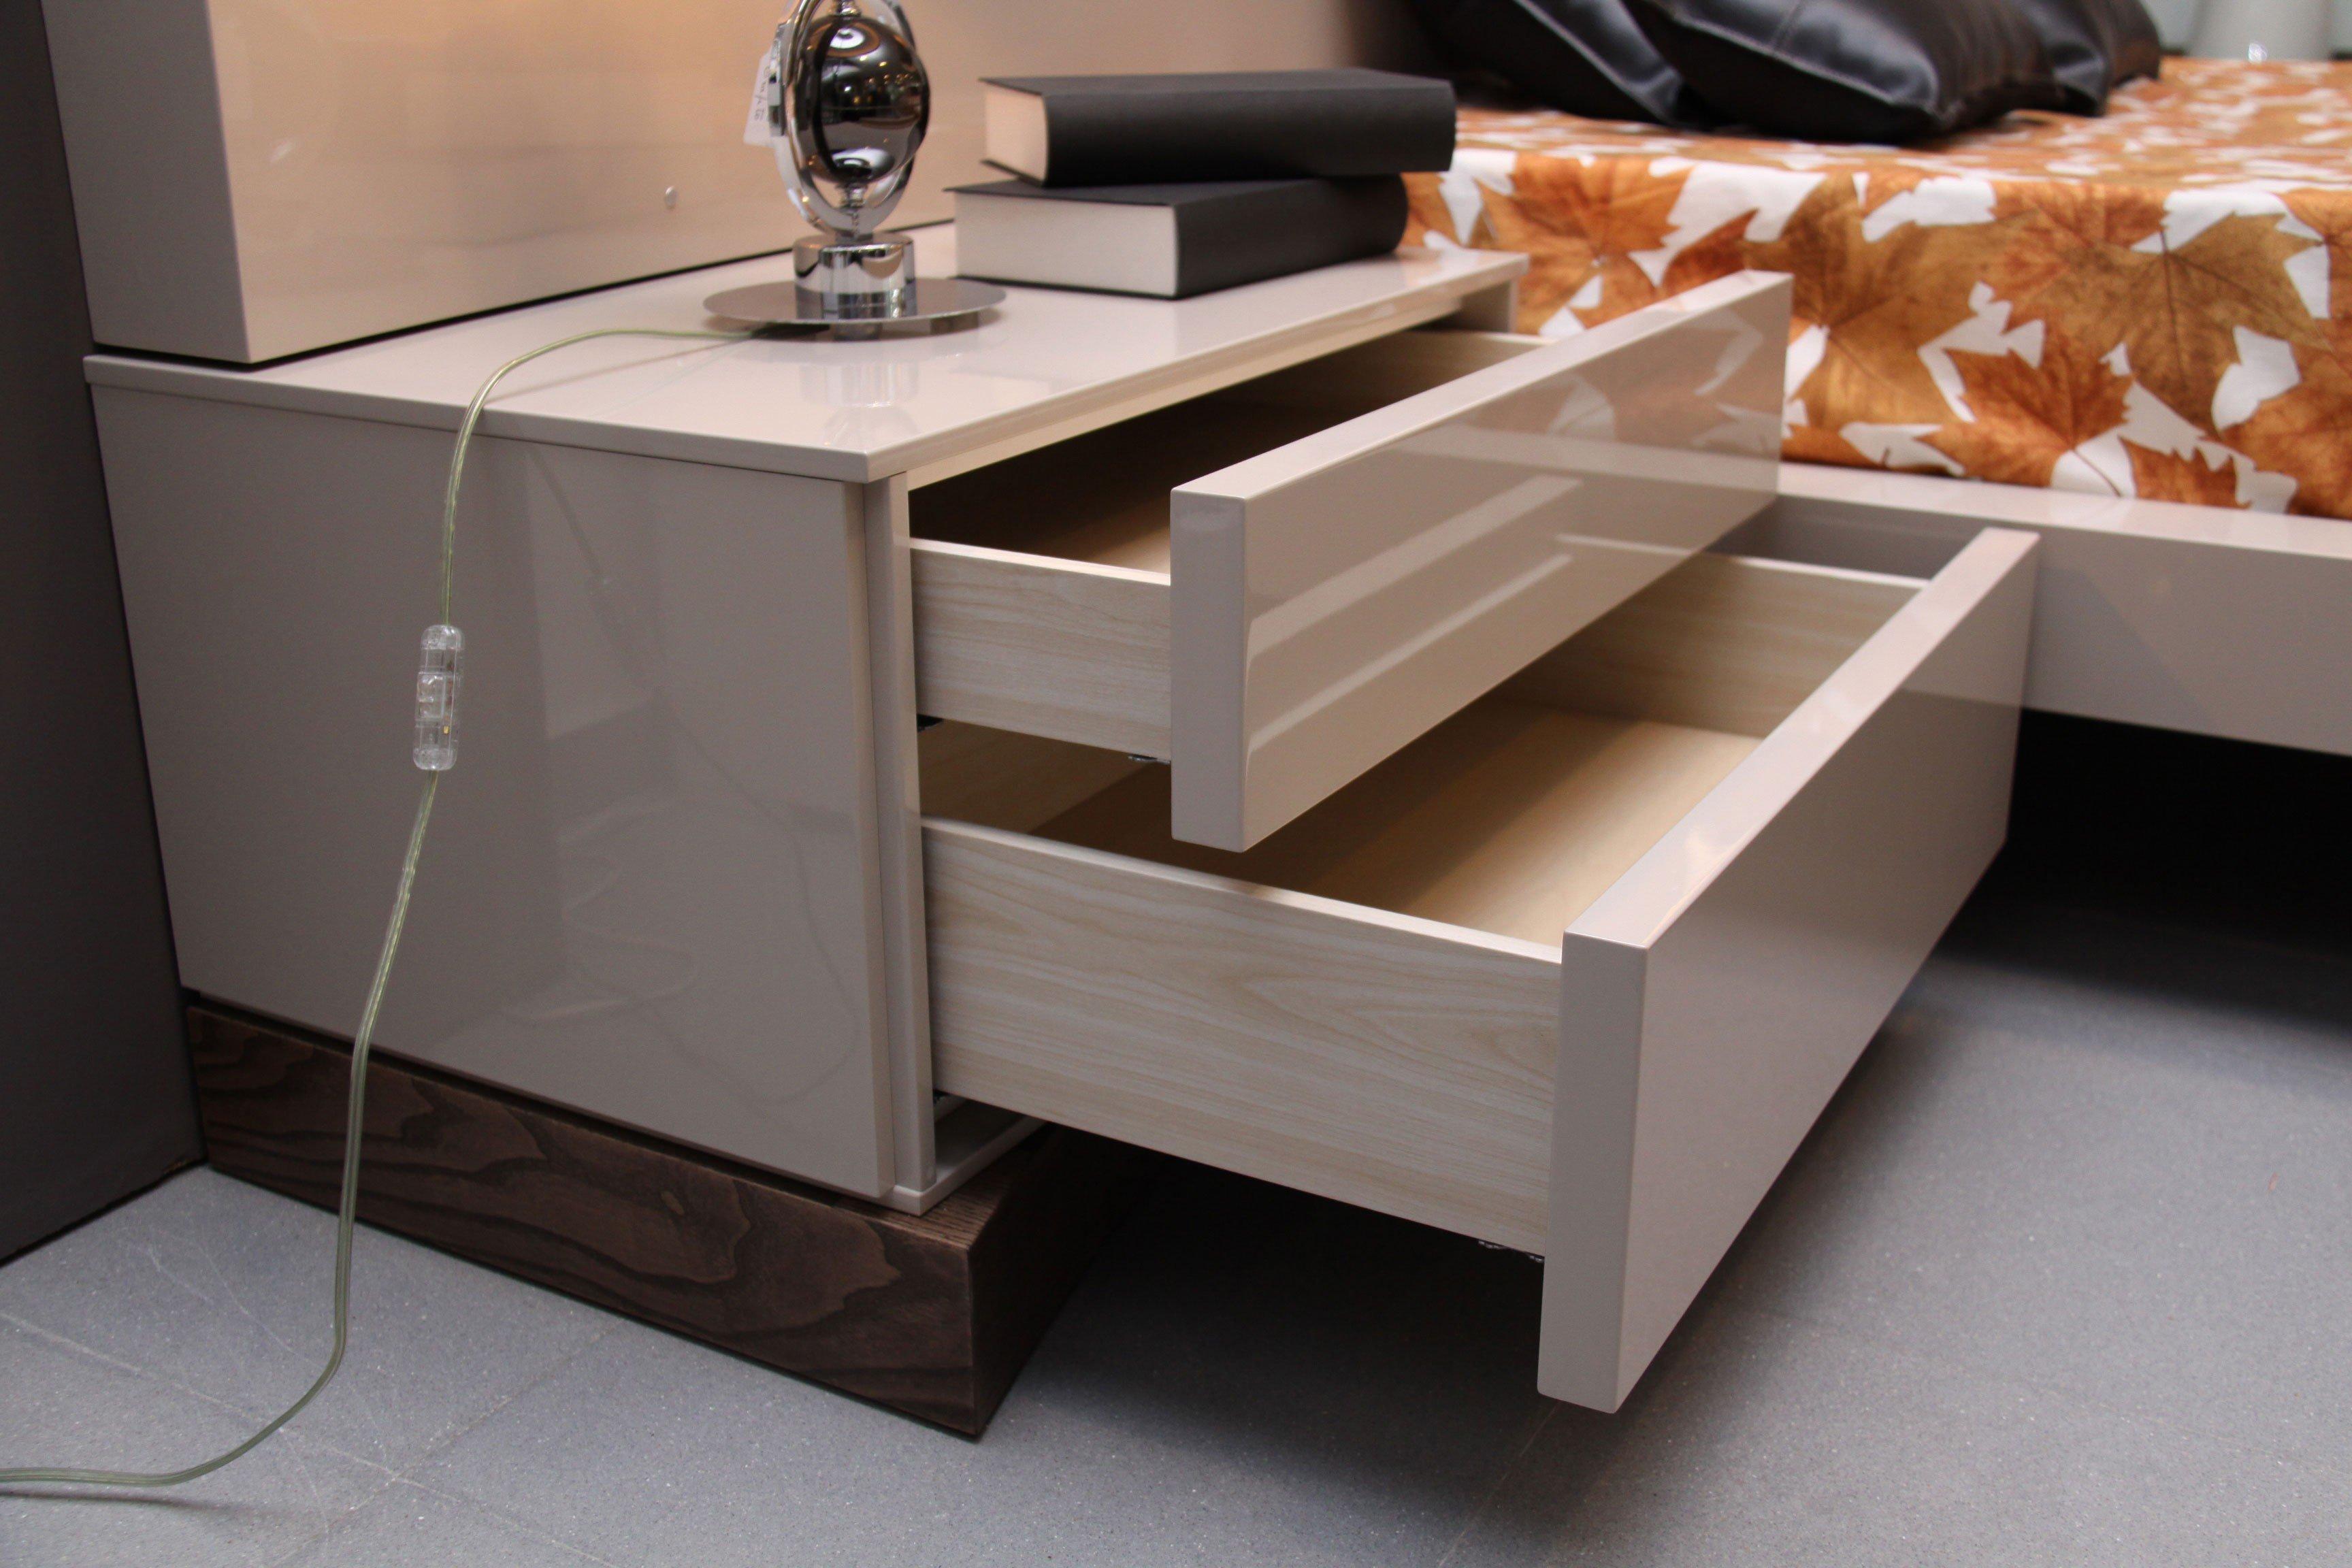 Comprar dormitorio de muebles bagon a precio outlet - Outlet de muebles en madrid ...